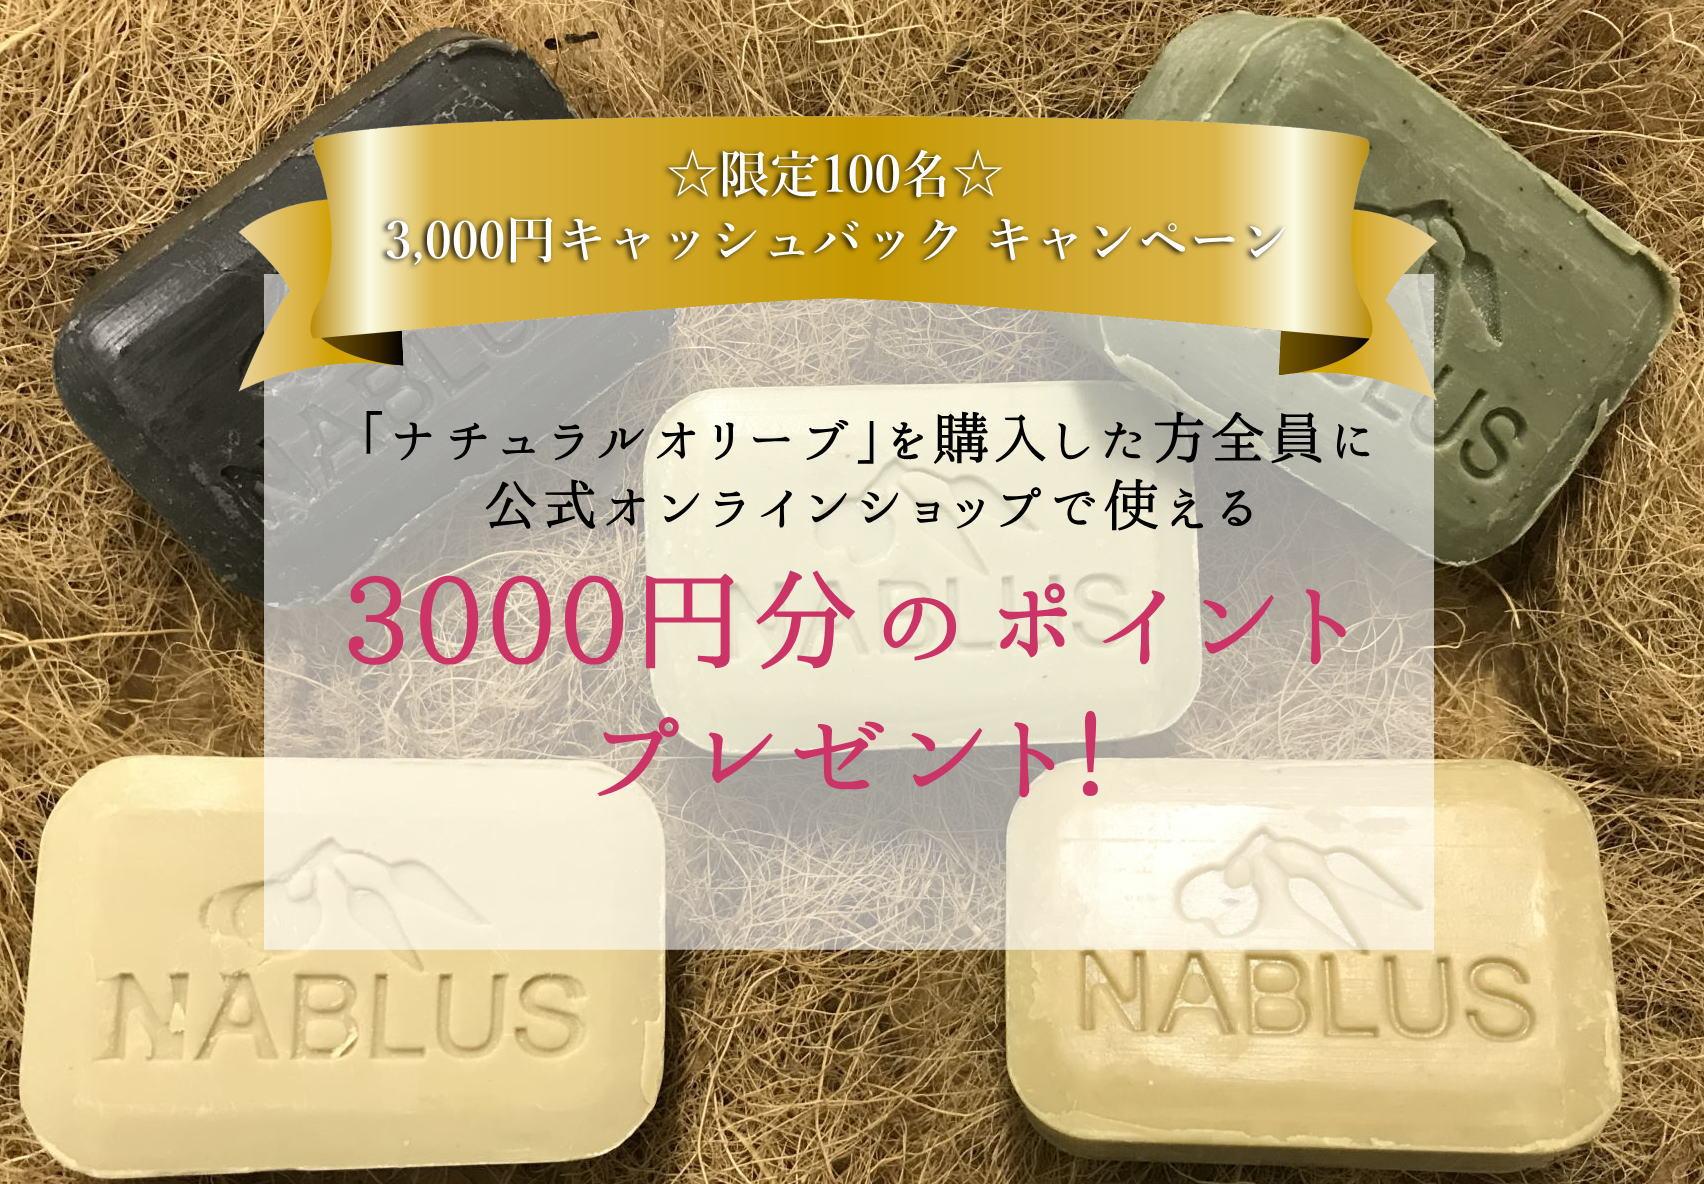 image-lp3000